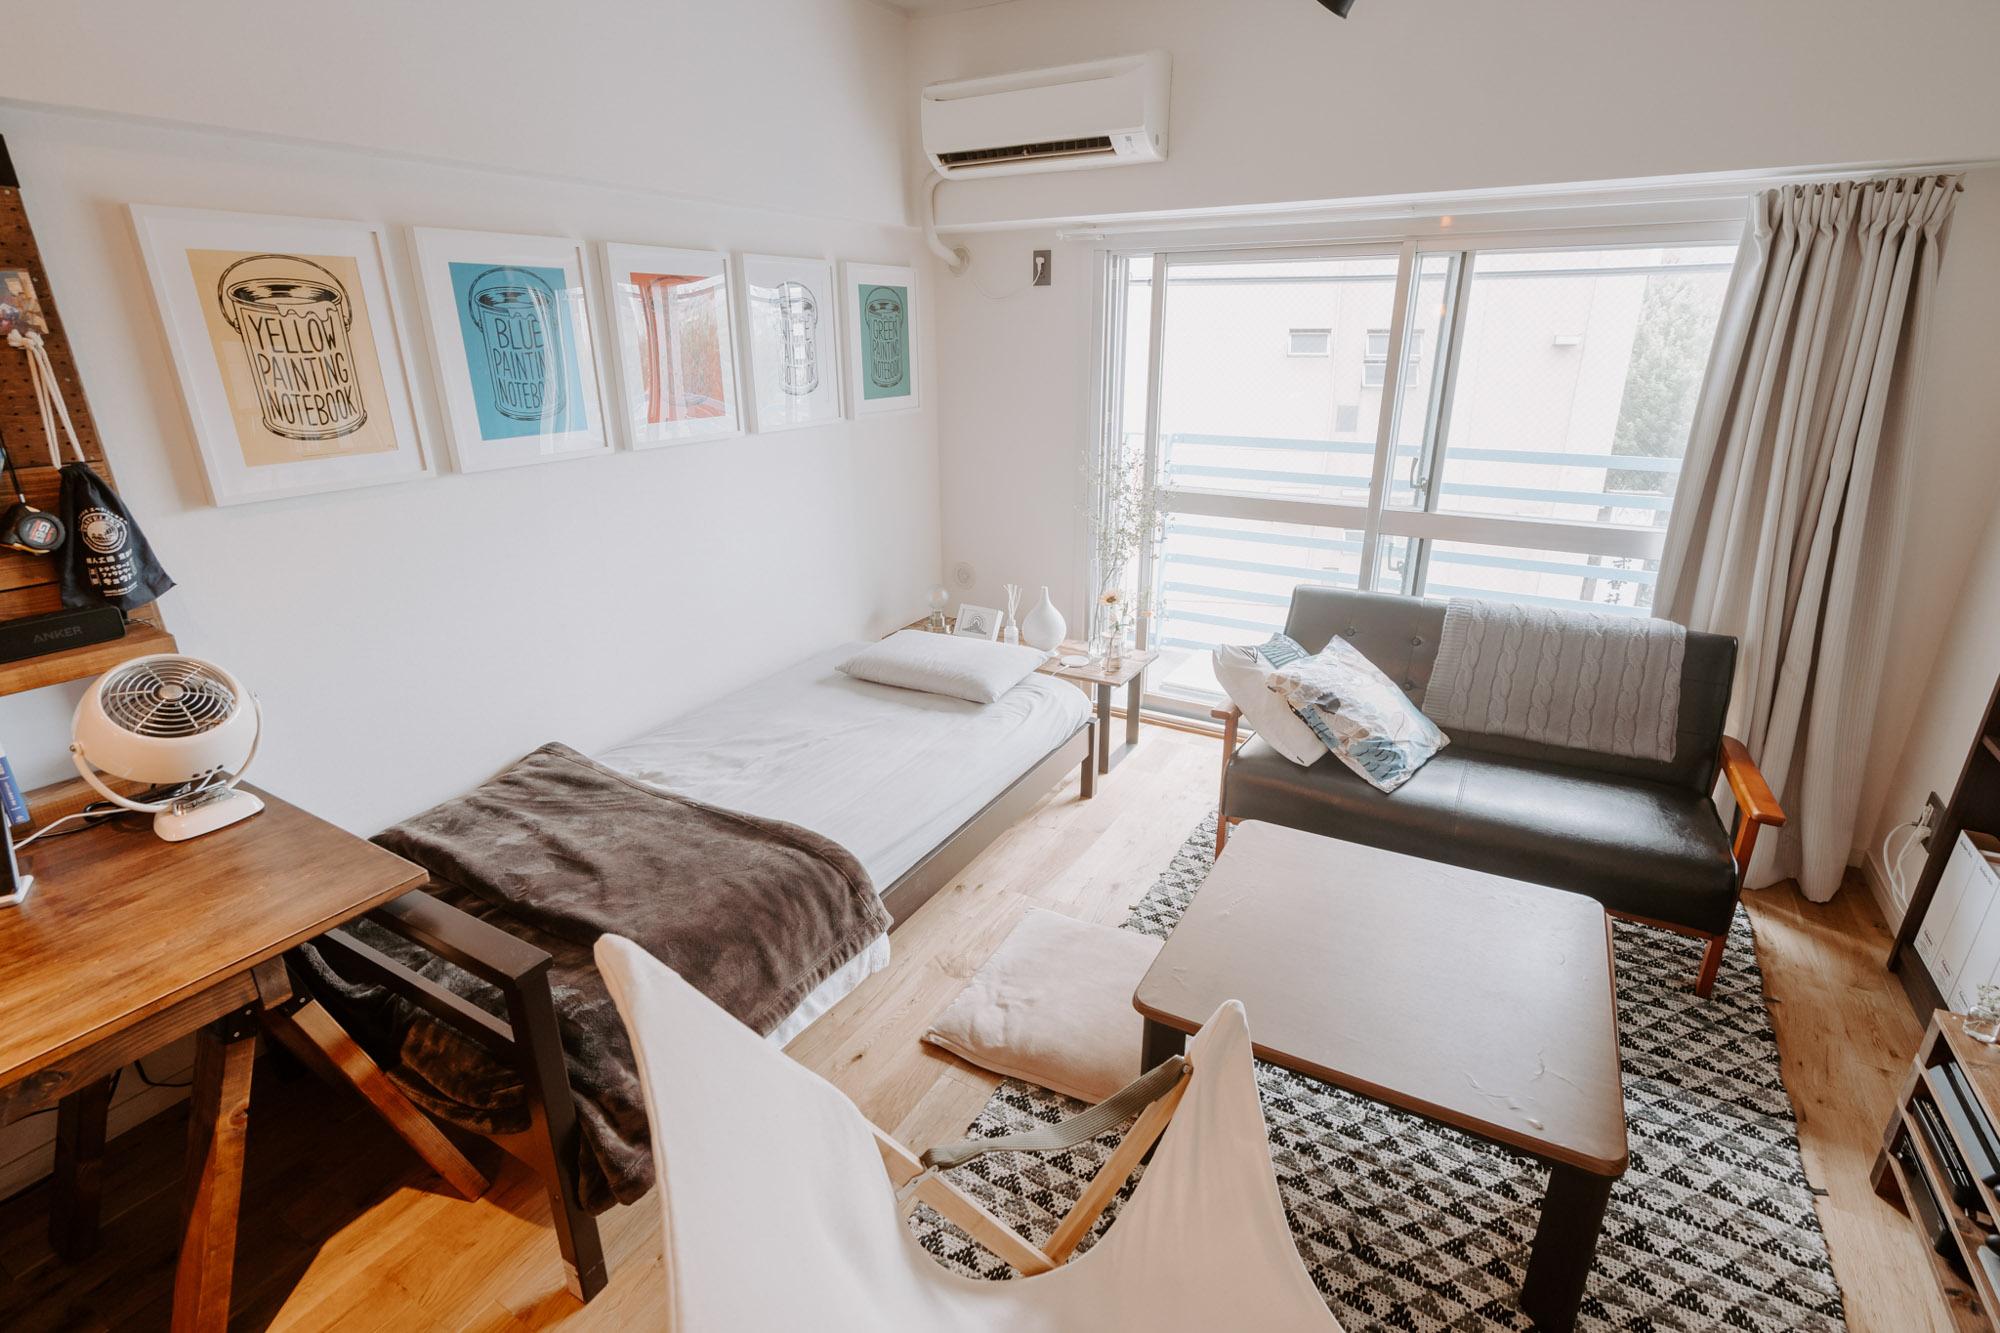 入り口からキッチン、ワークスペース、一番奥にベッドとソファを置いてリラックススペースと、空間を分けて使えるため、細長い間取りは便利だったとのこと。